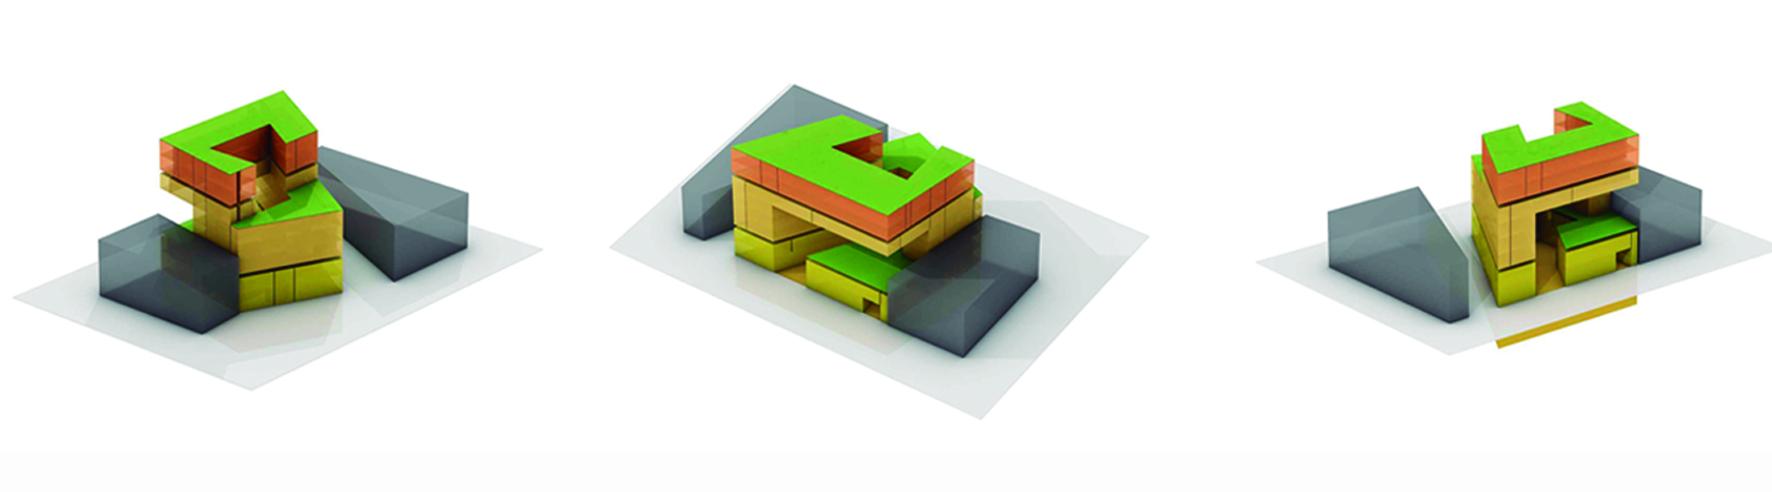 singularq-architecture-lab-arquitectura-valencia